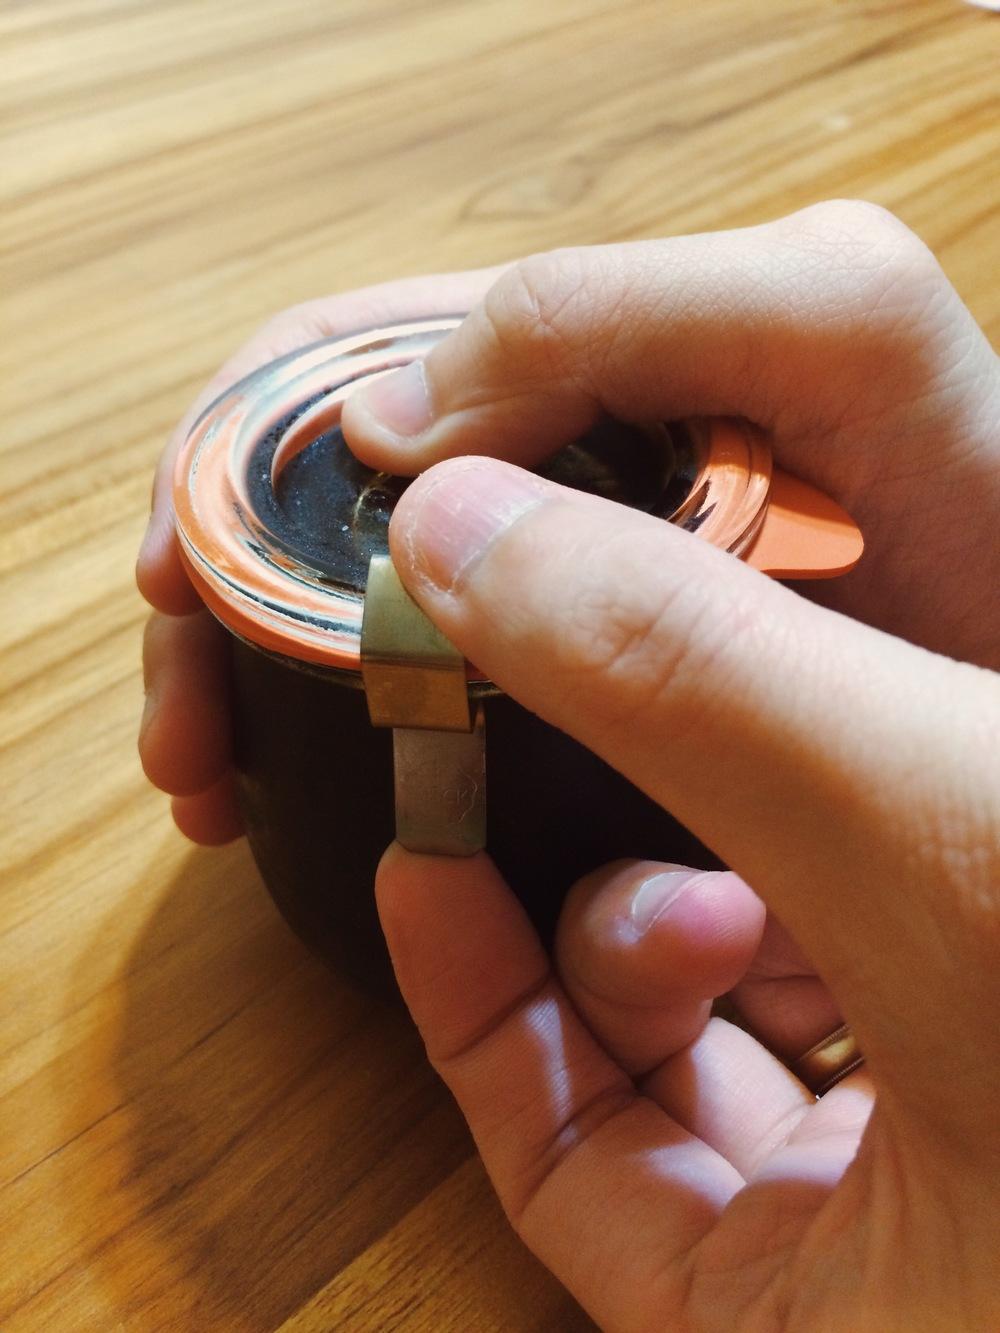 左手壓住瓶蓋、右手由下往上掰開扣環。